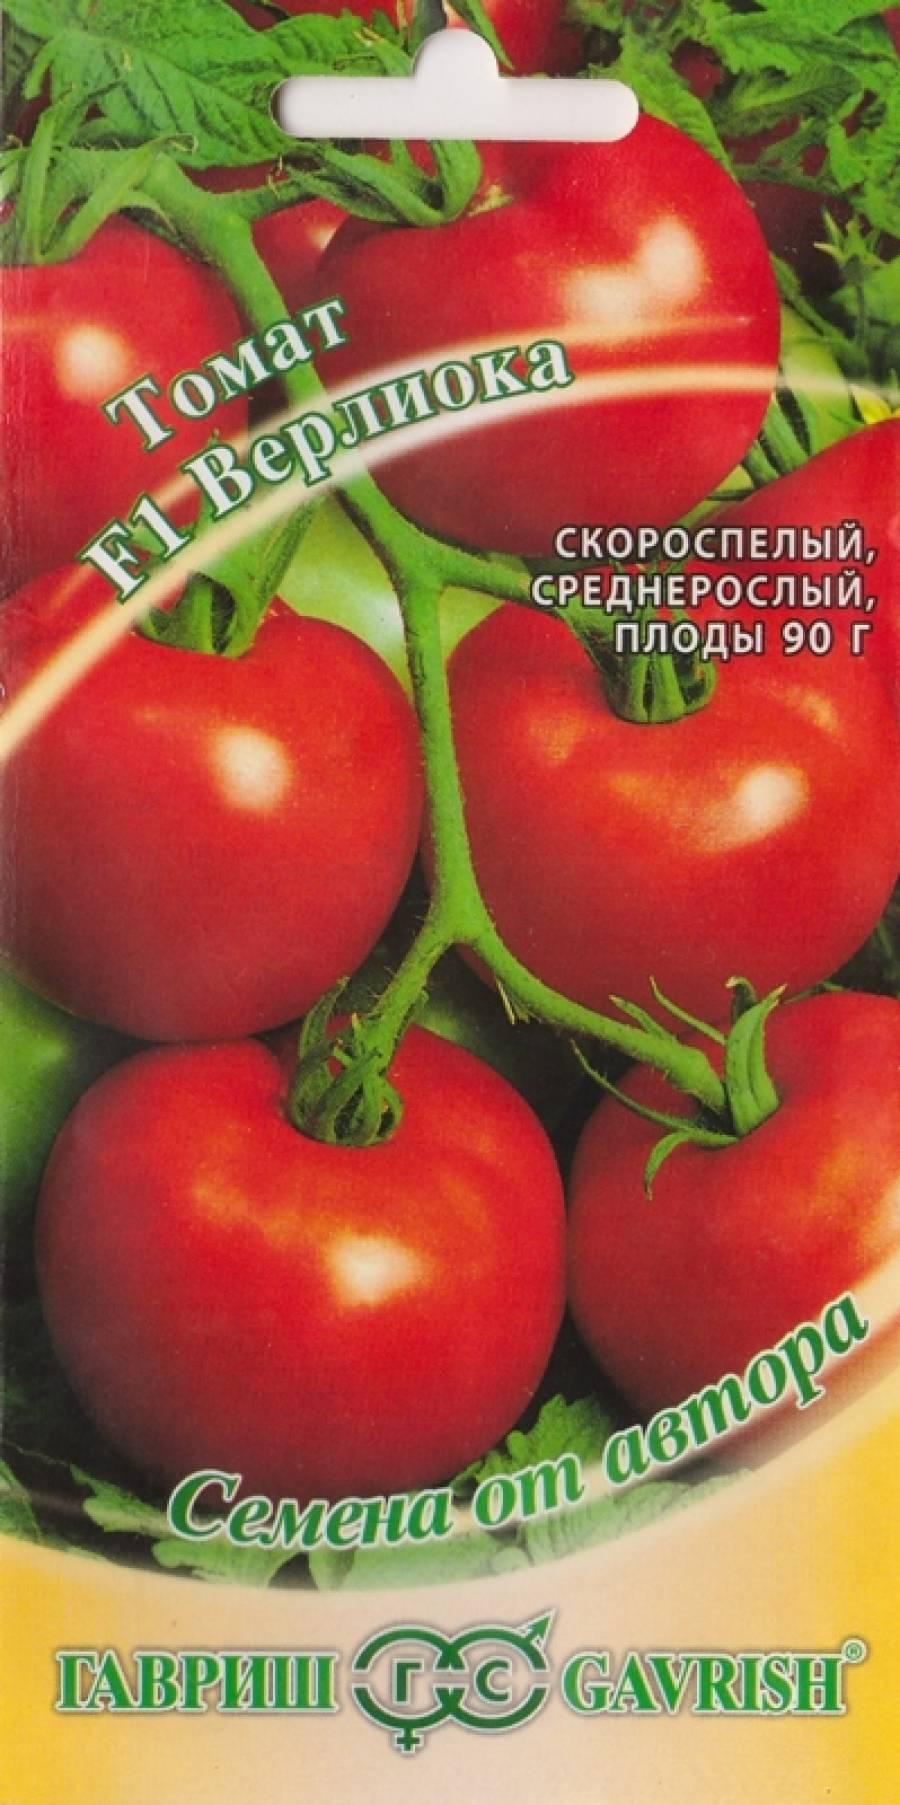 """Томат """"верлиока"""" f1: описание и характеристика сорта, рекомендации по выращиванию отличного урожая помидор, фото-материалы русский фермер"""